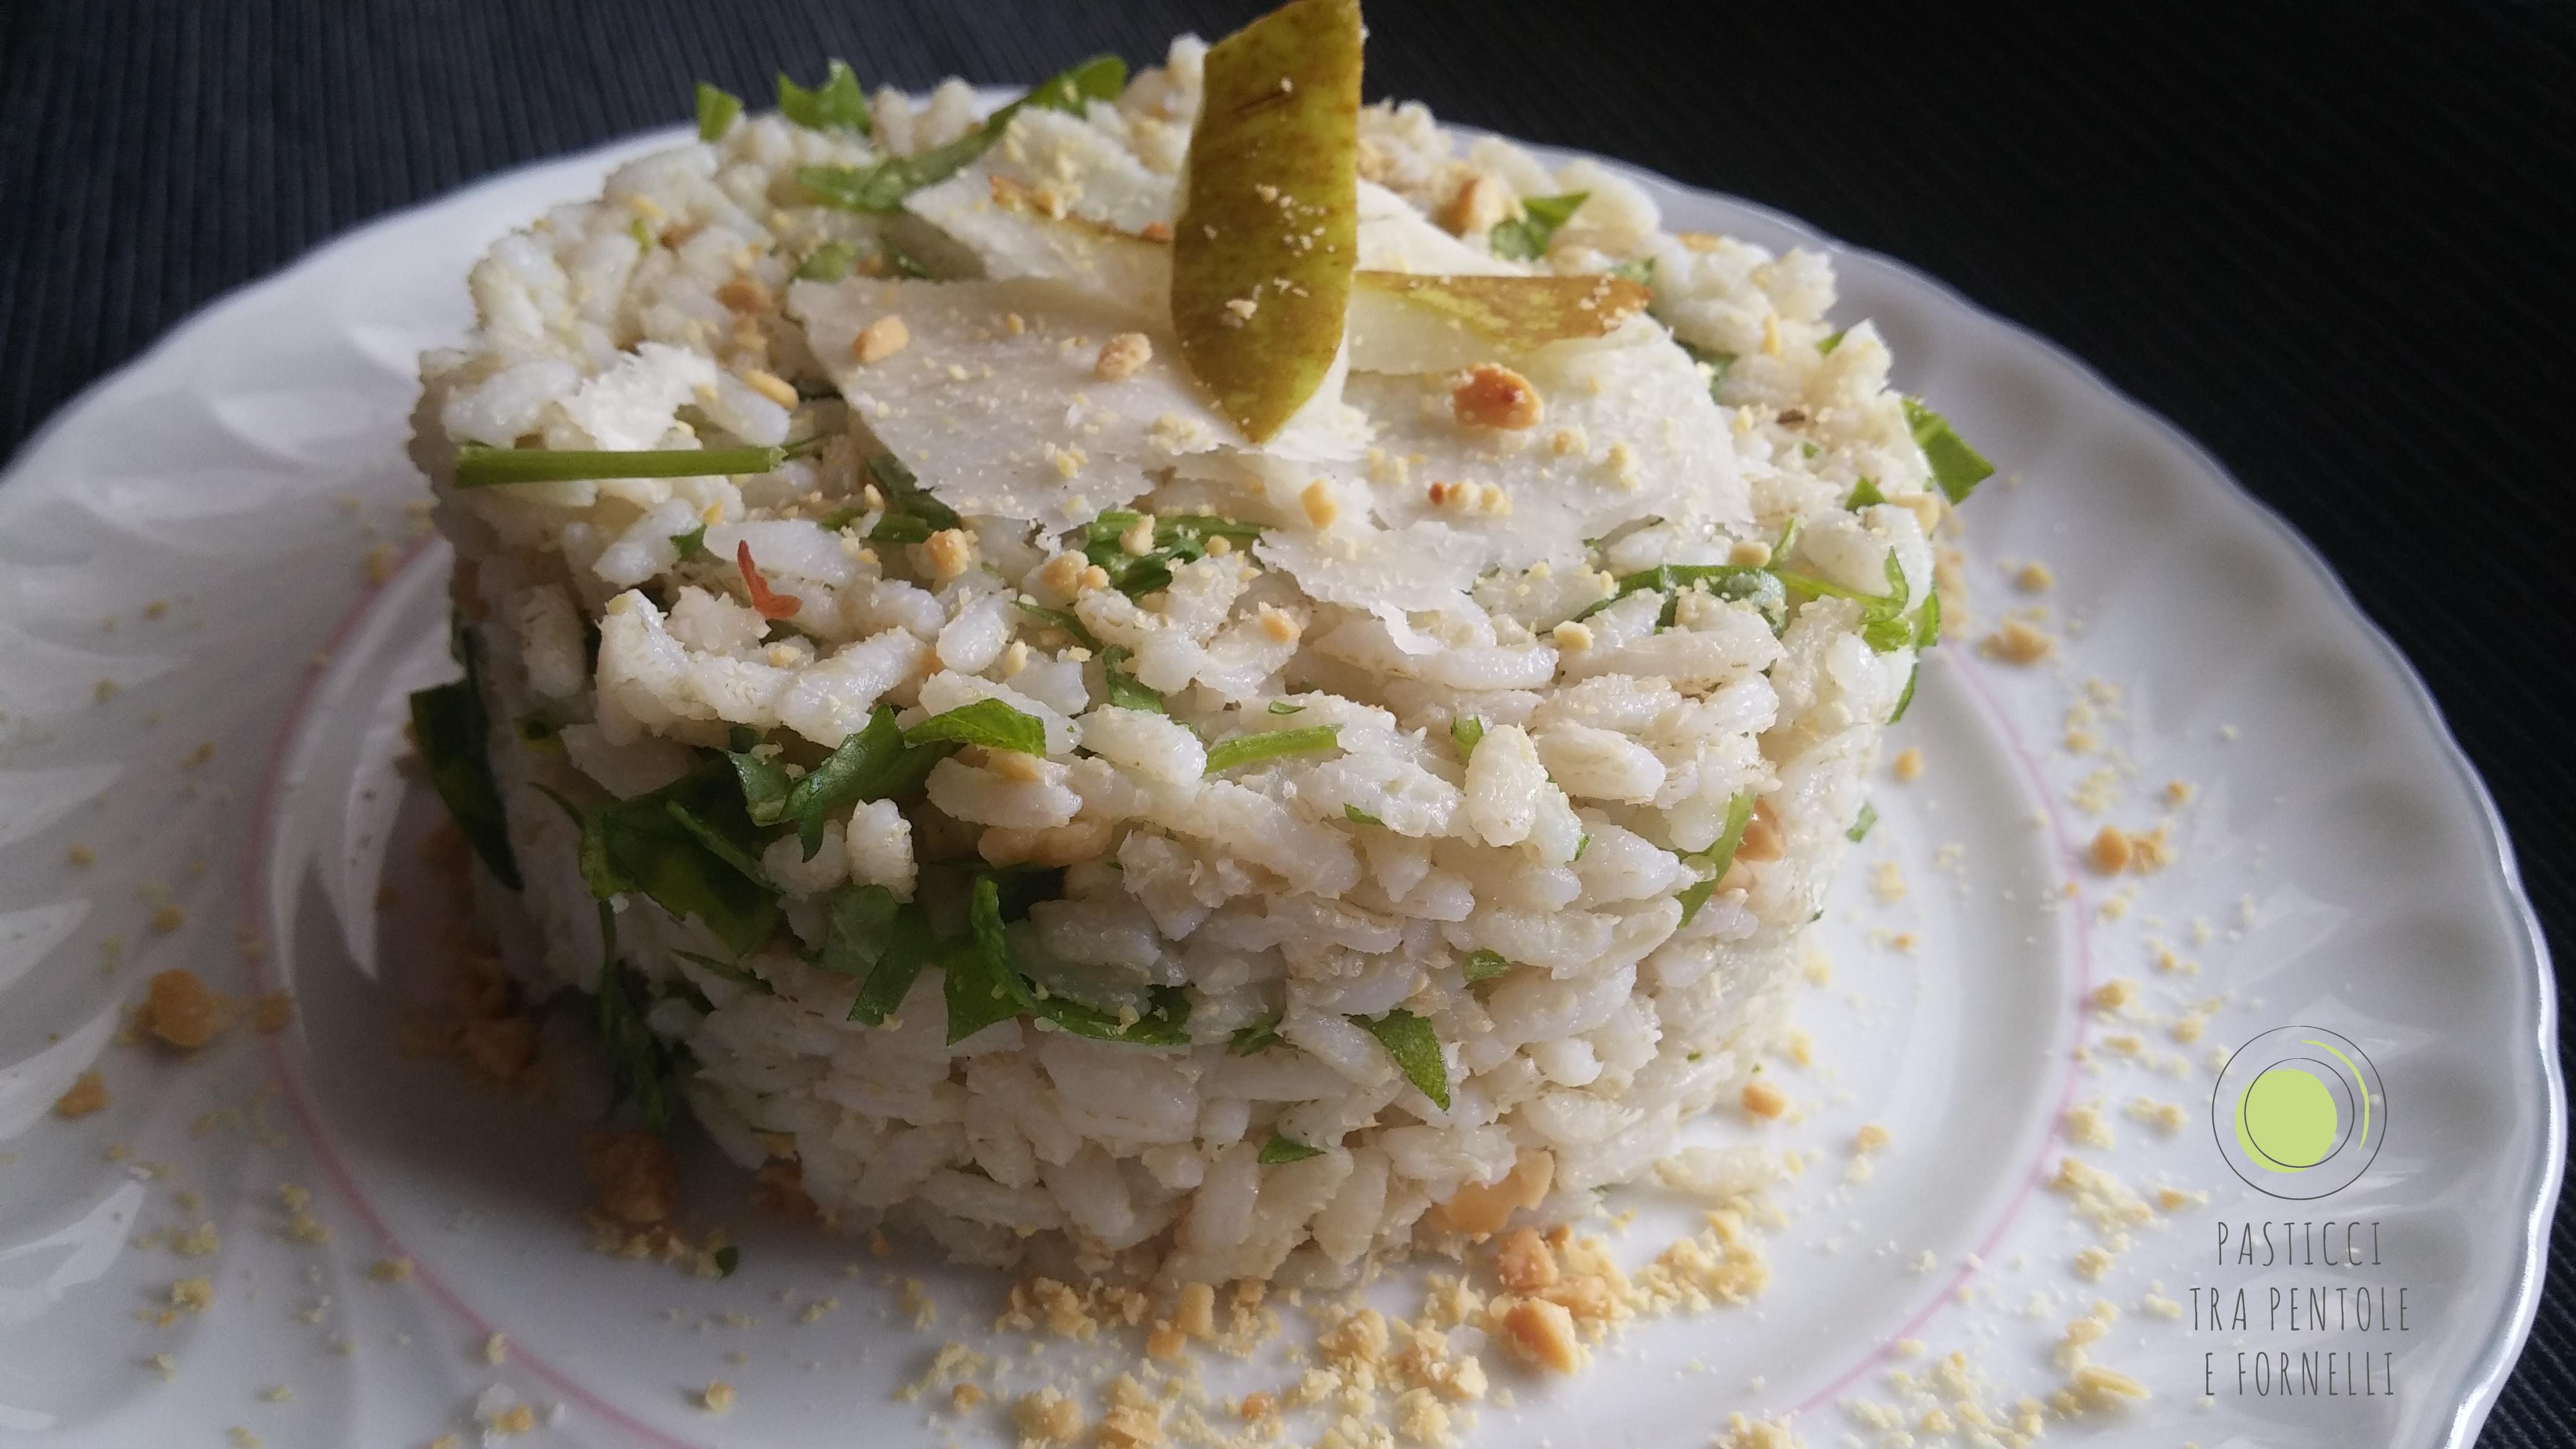 Insalata di riso con rucola, arachidi, parmigiano e pere